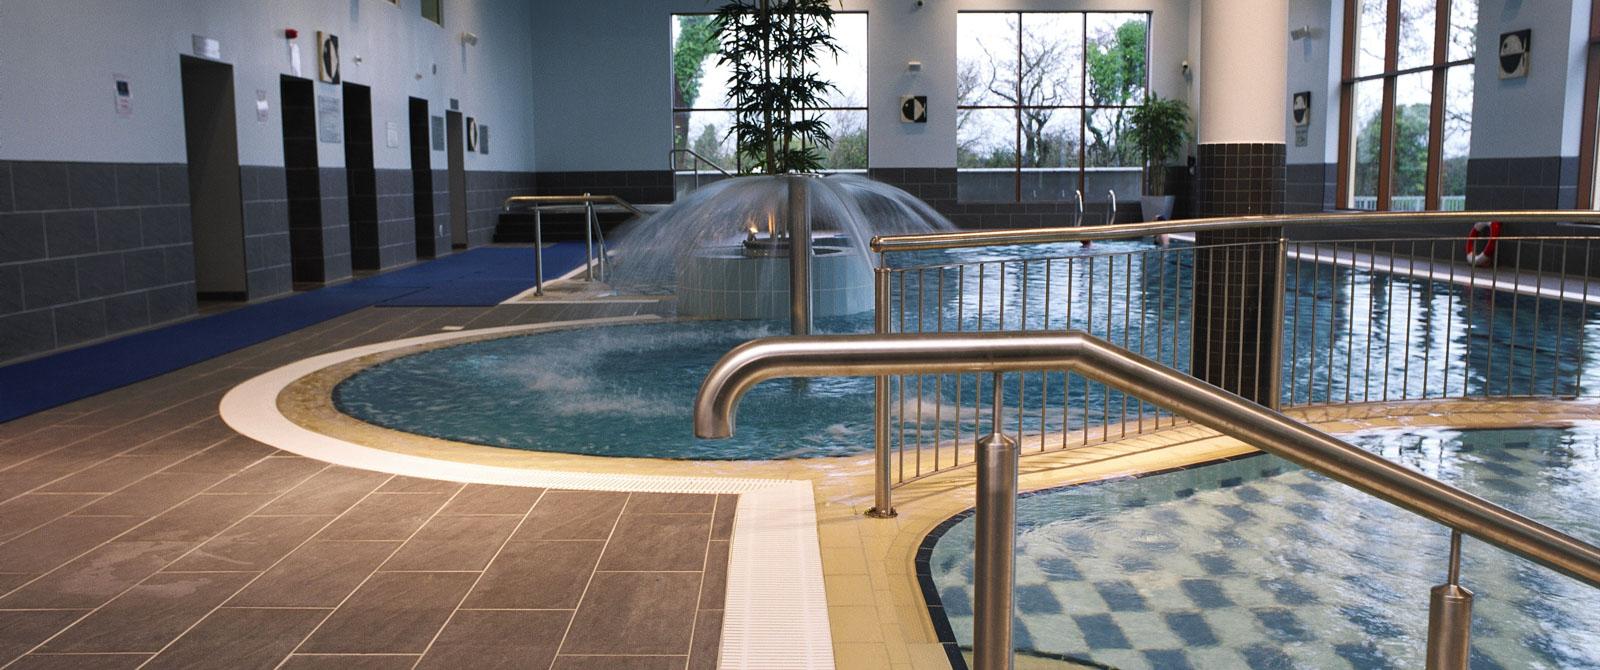 Mcwilliam Park Hotel Entertainment